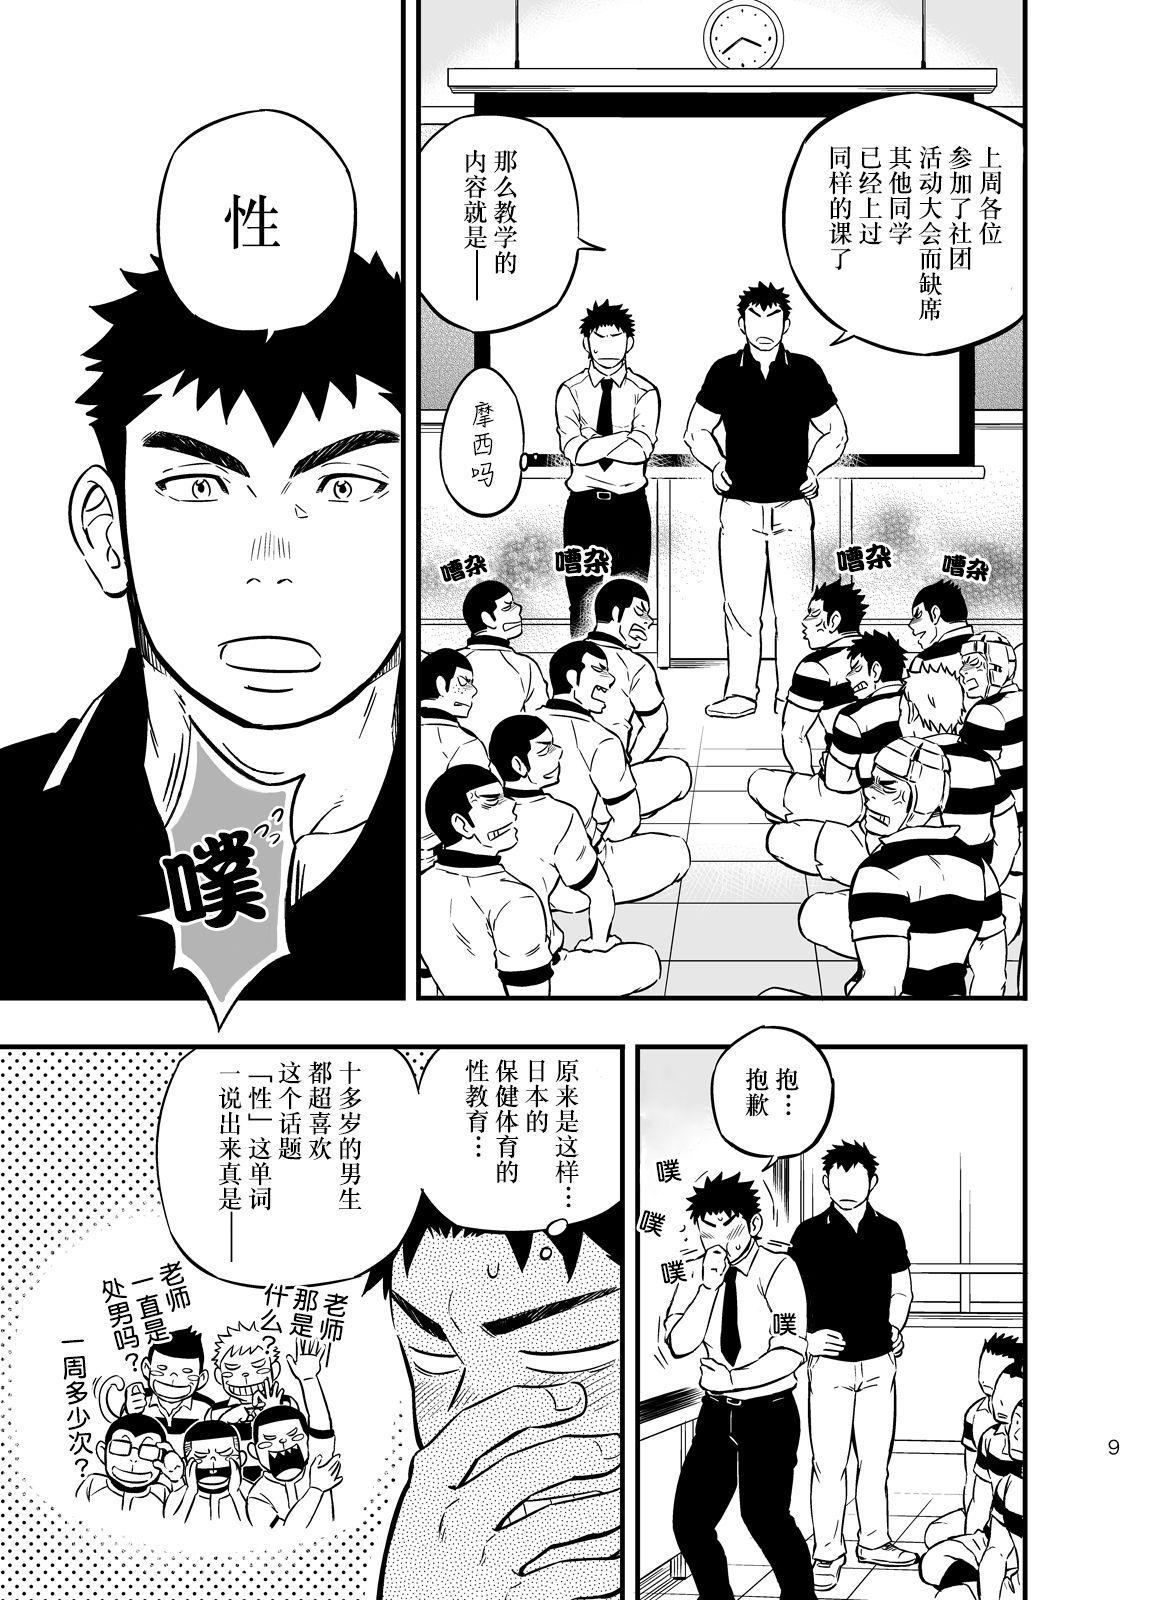 Moshimo Danshikou no Hoken Taiiku ga Jitsugi Ari Dattara 2 | 如果男校的保健体育课有实践环节的话 2 7